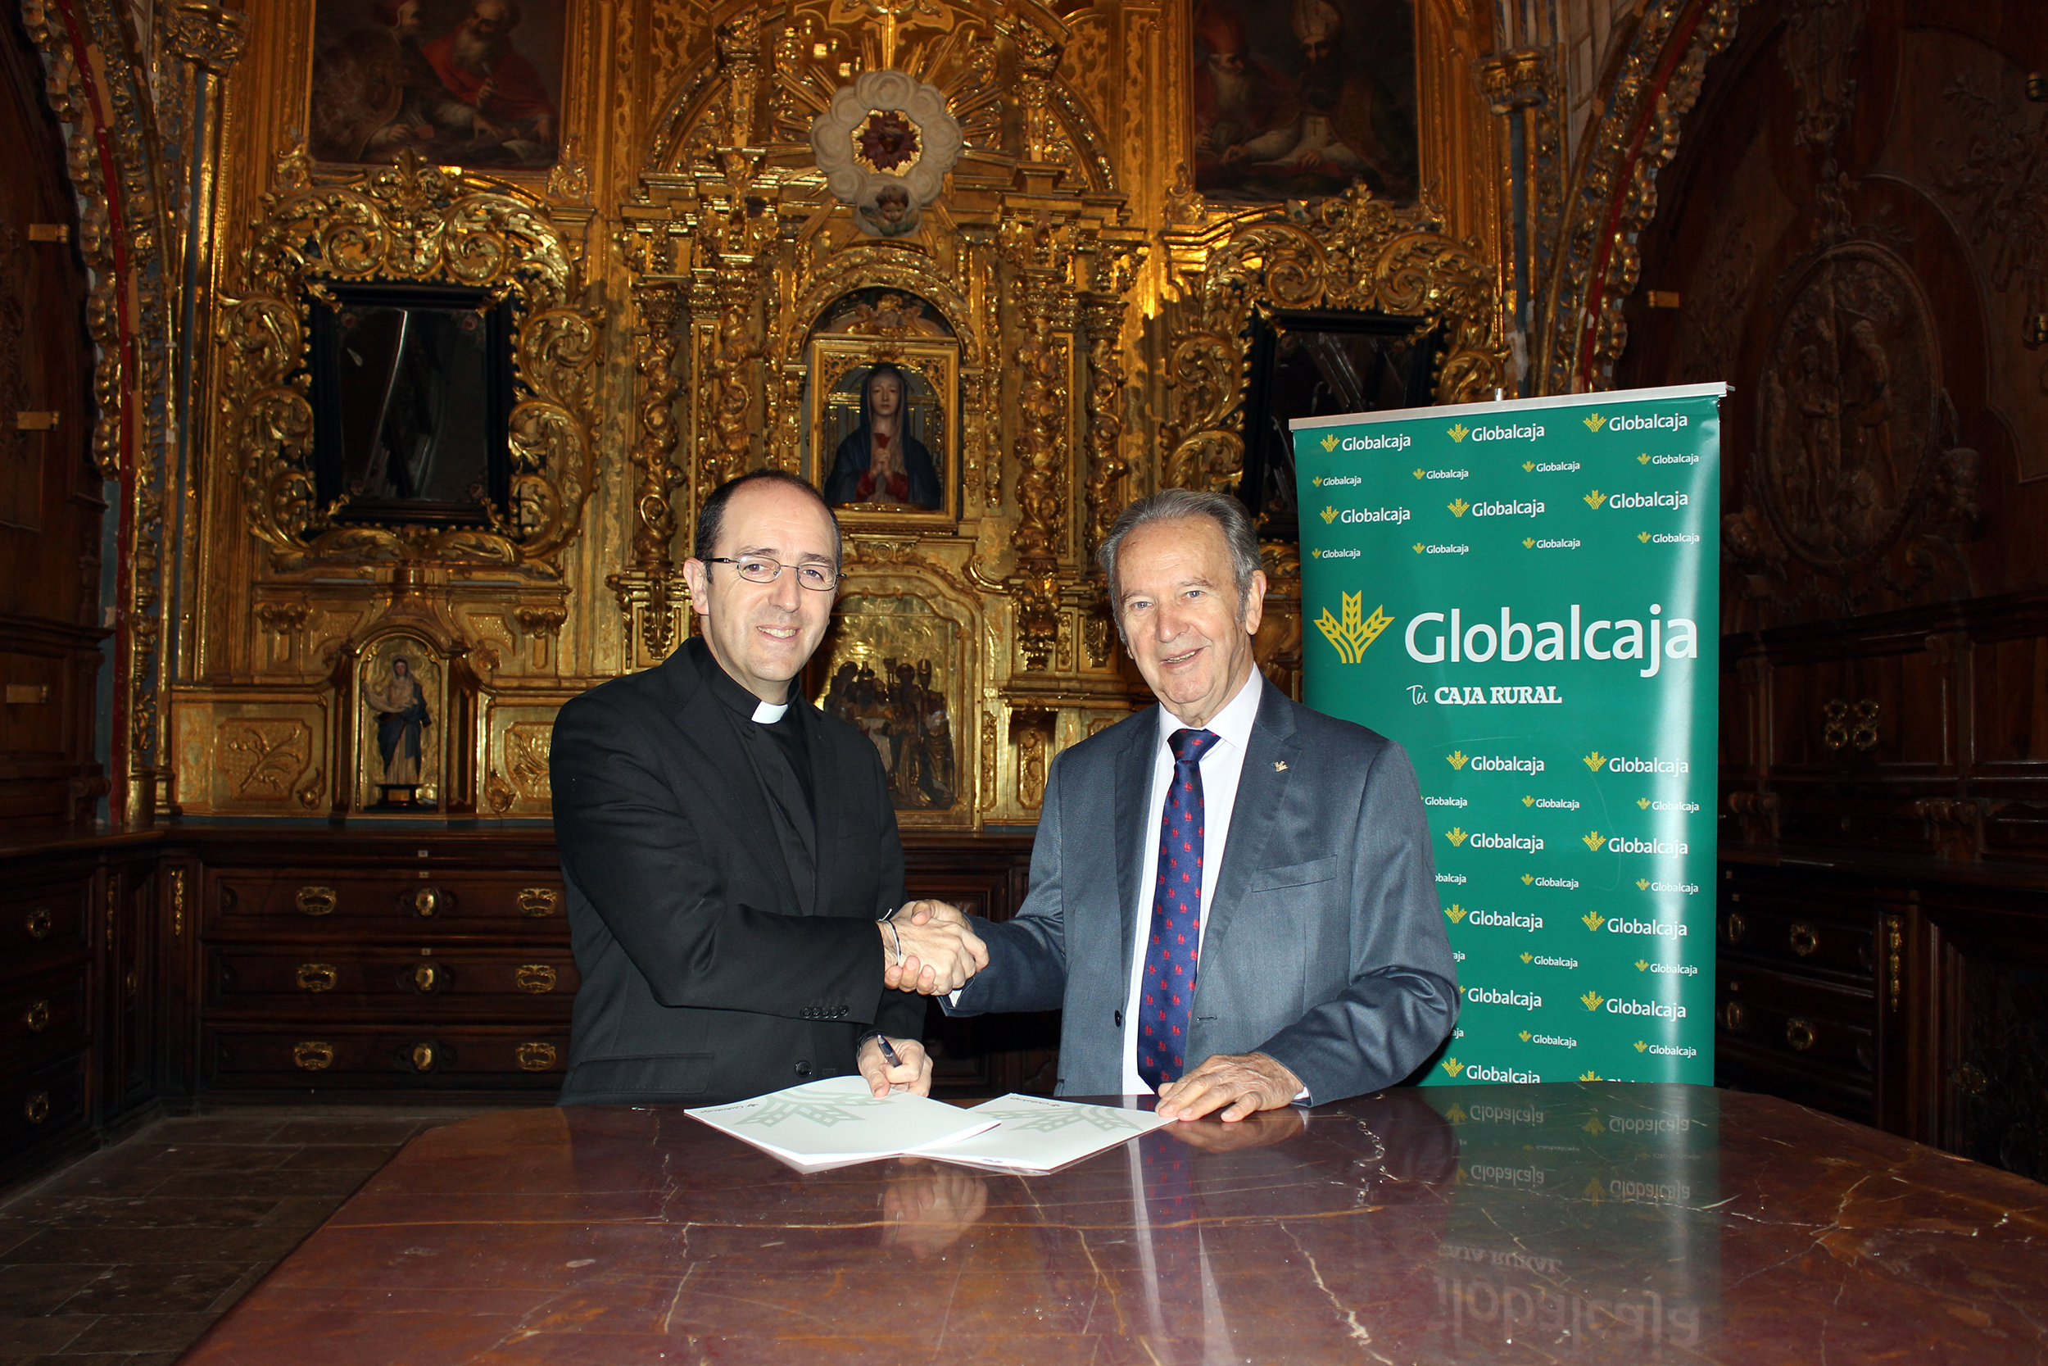 https://blog.globalcaja.es/wp-content/uploads/2017/10/Catedral-de-Cuenca-y-Globalcaja-.jpg